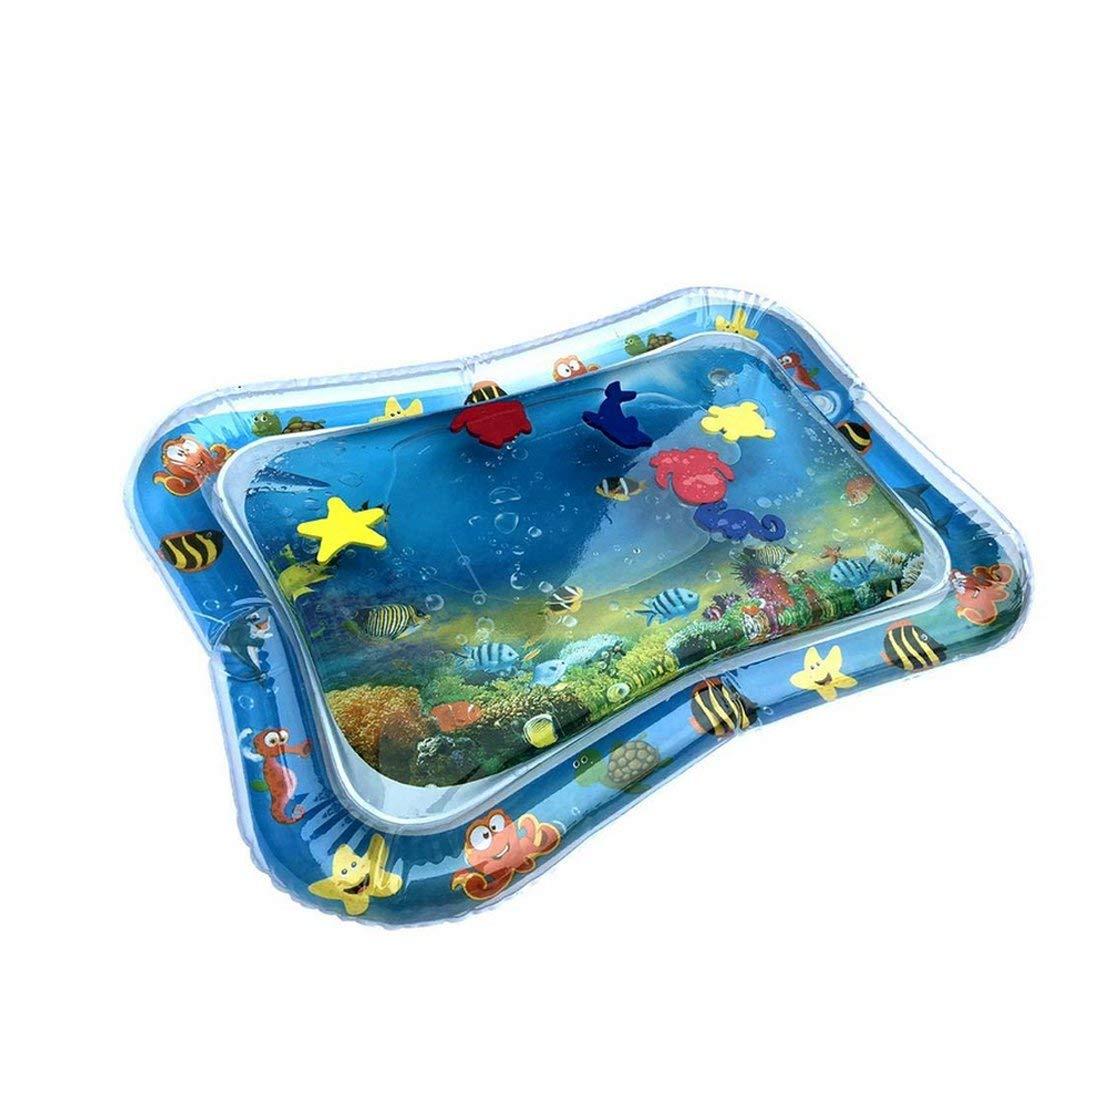 LouiseEvel215 Portable Gonflable Enfants Piscine Baignoire Enfant Toddler Infant Nouveau-N/é Pliable Douche Voyage De Piscine pour 0-36 Mois B/éb/é